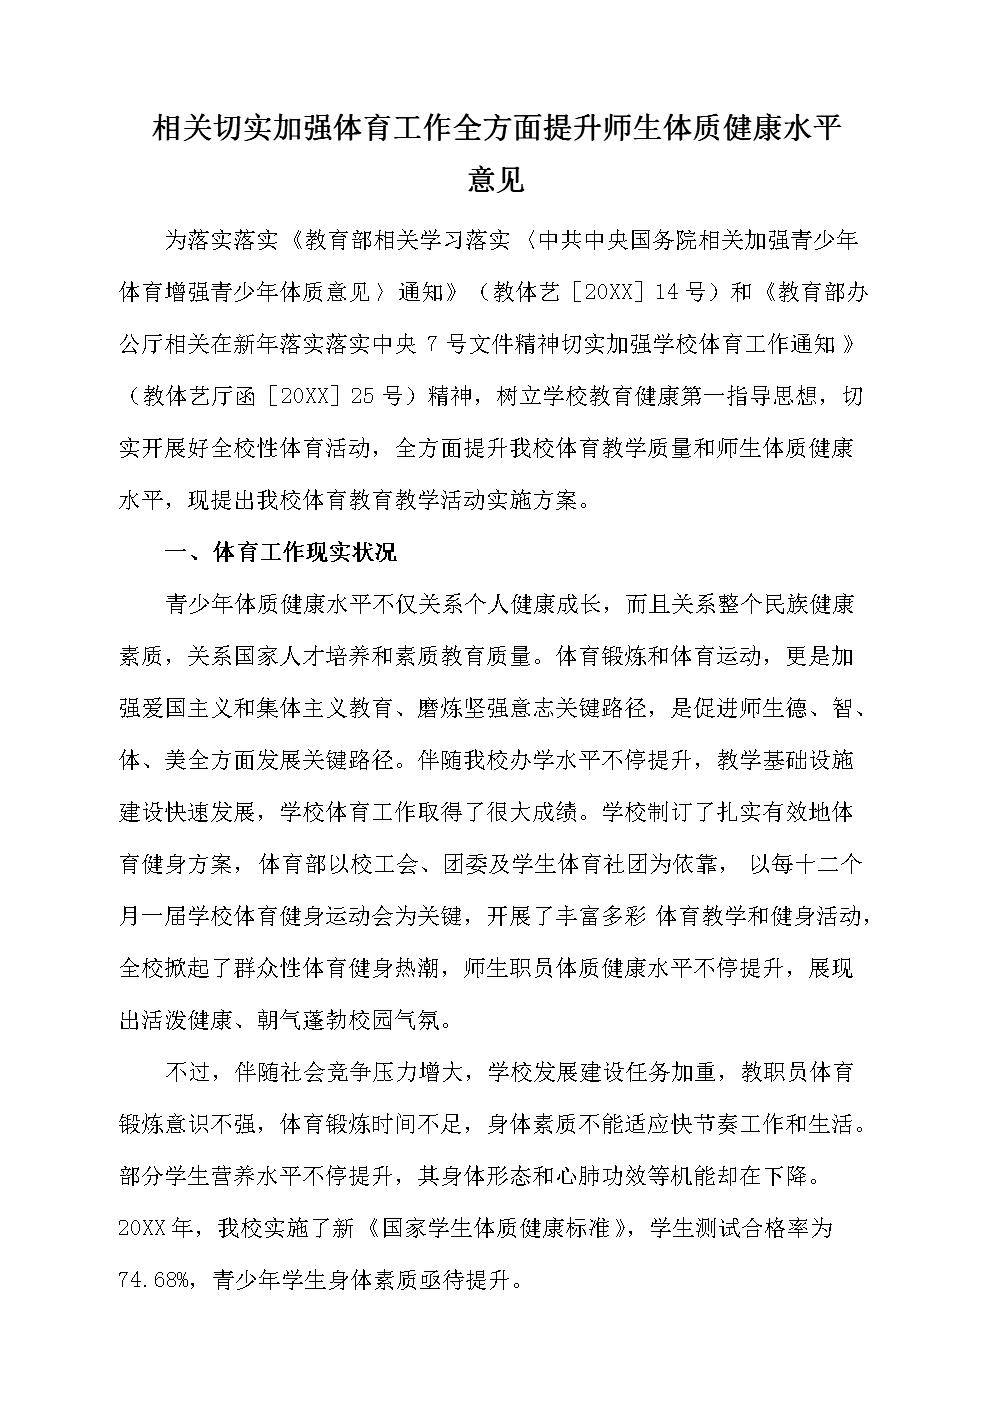 辽宁省交通高等专科学校体育工作专项方案待讨论.doc